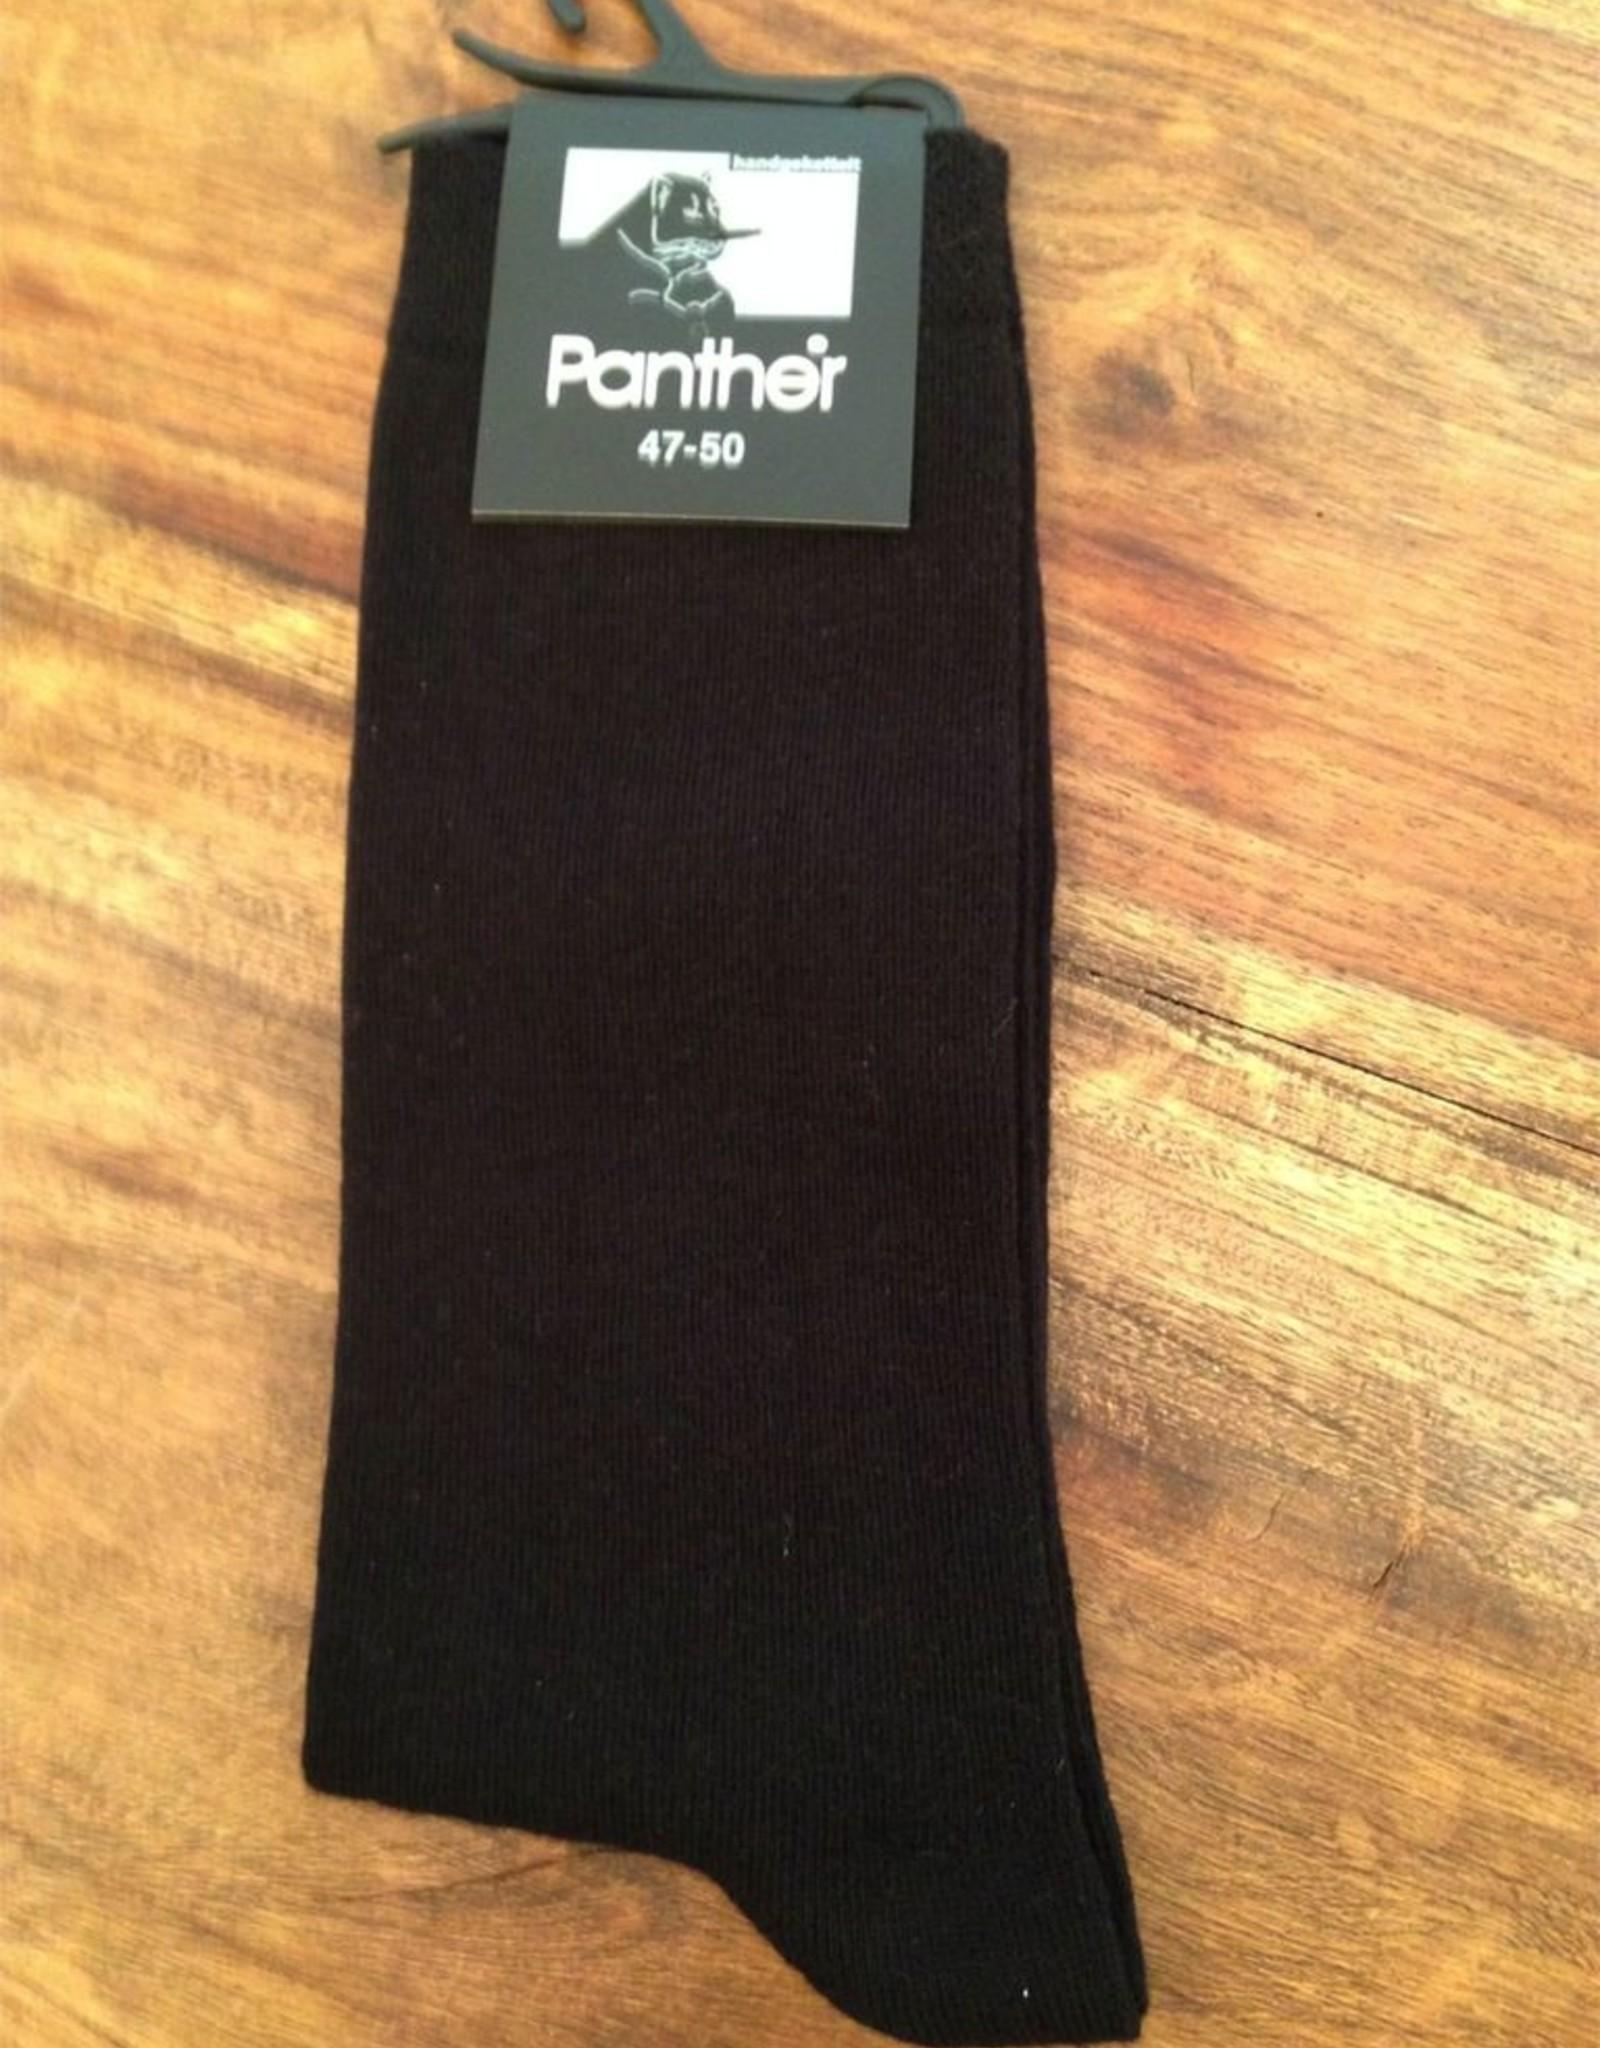 Panther Panther Herren Socken Gr. 47-50